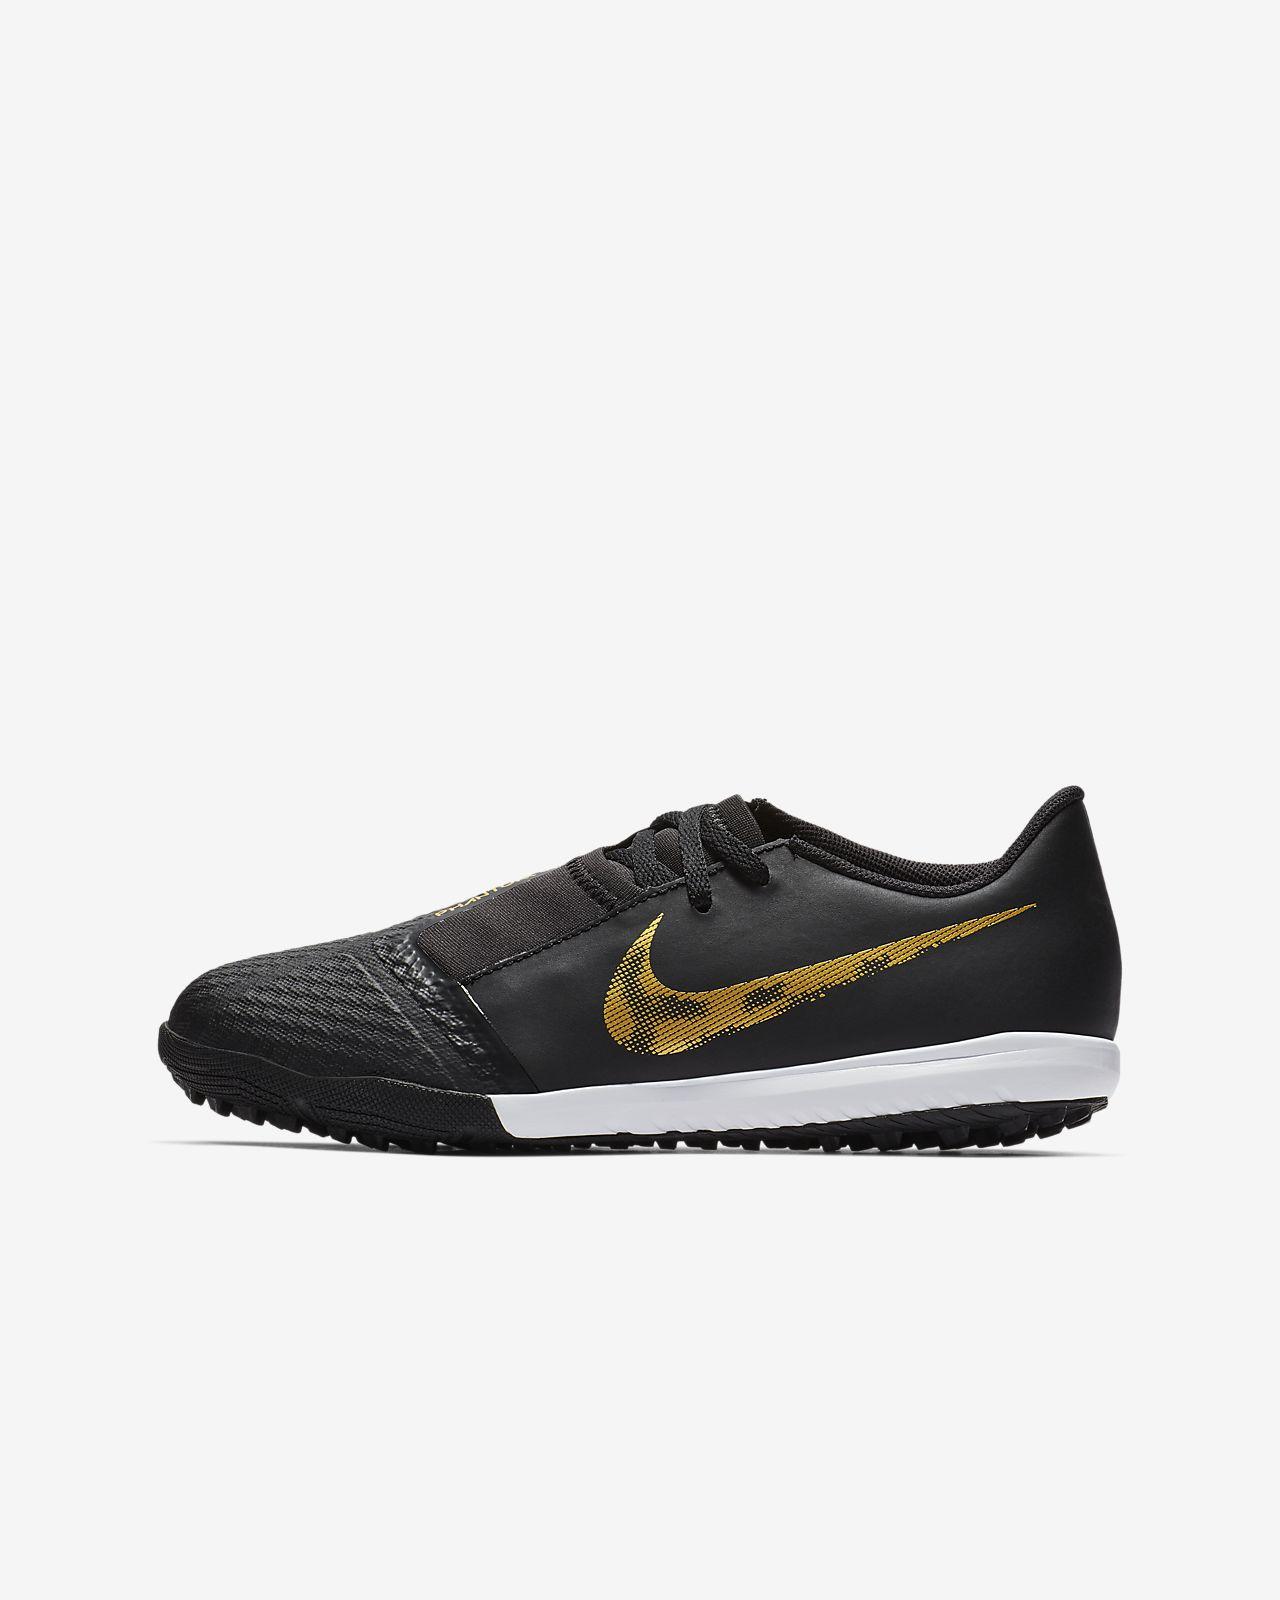 Chaussure de football pour surface synthétique Nike Jr. PhantomVNM Academy TF Game Over pour Jeune enfant/Enfant plus âgé